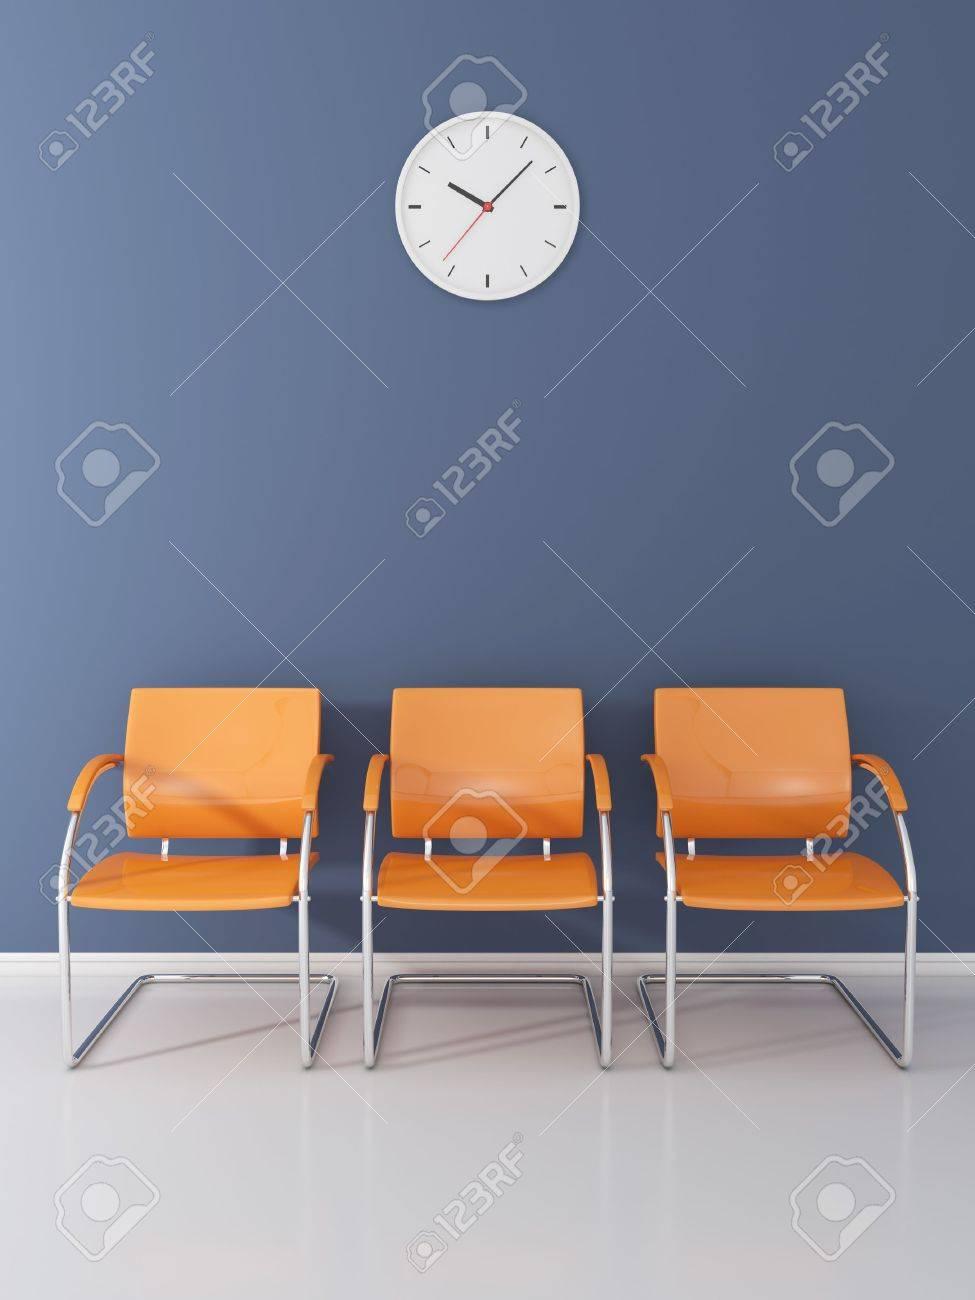 Eine Wanduhr Und 3 Orange Stühle Im Wartezimmer Lizenzfreie Fotos